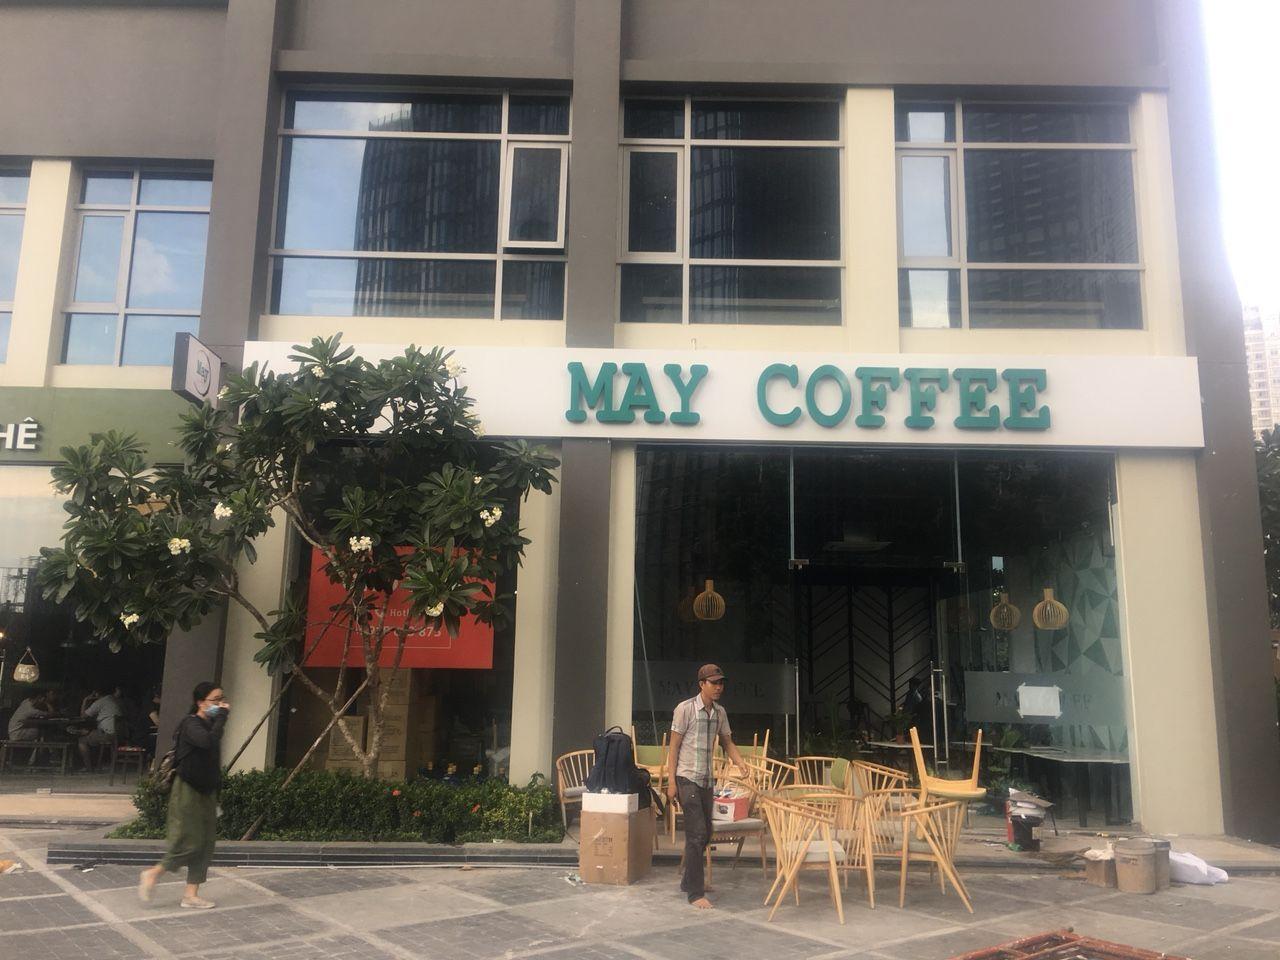 MAY COFFEE